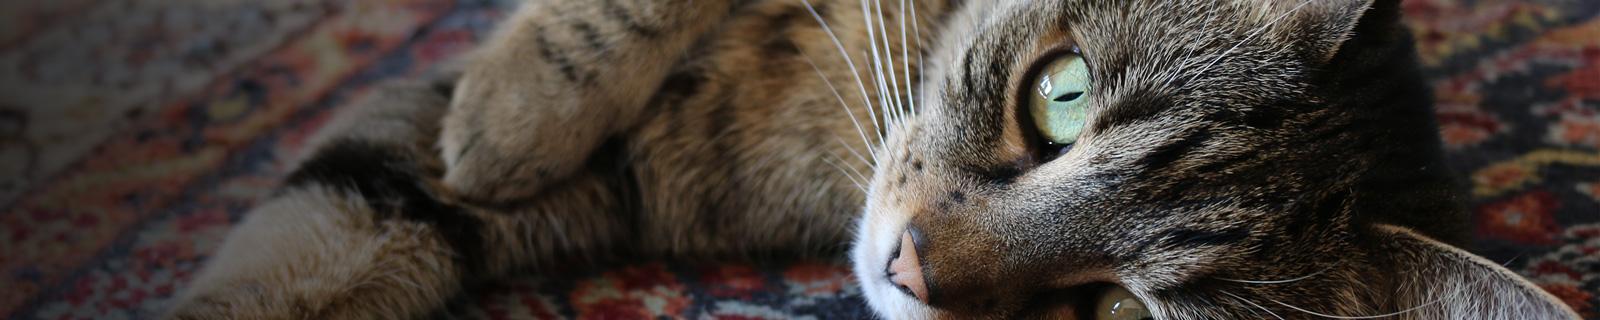 http://hvovet.com/hvo/wp-content/uploads/2016/09/veterinaire-chat-ormstown.jpg